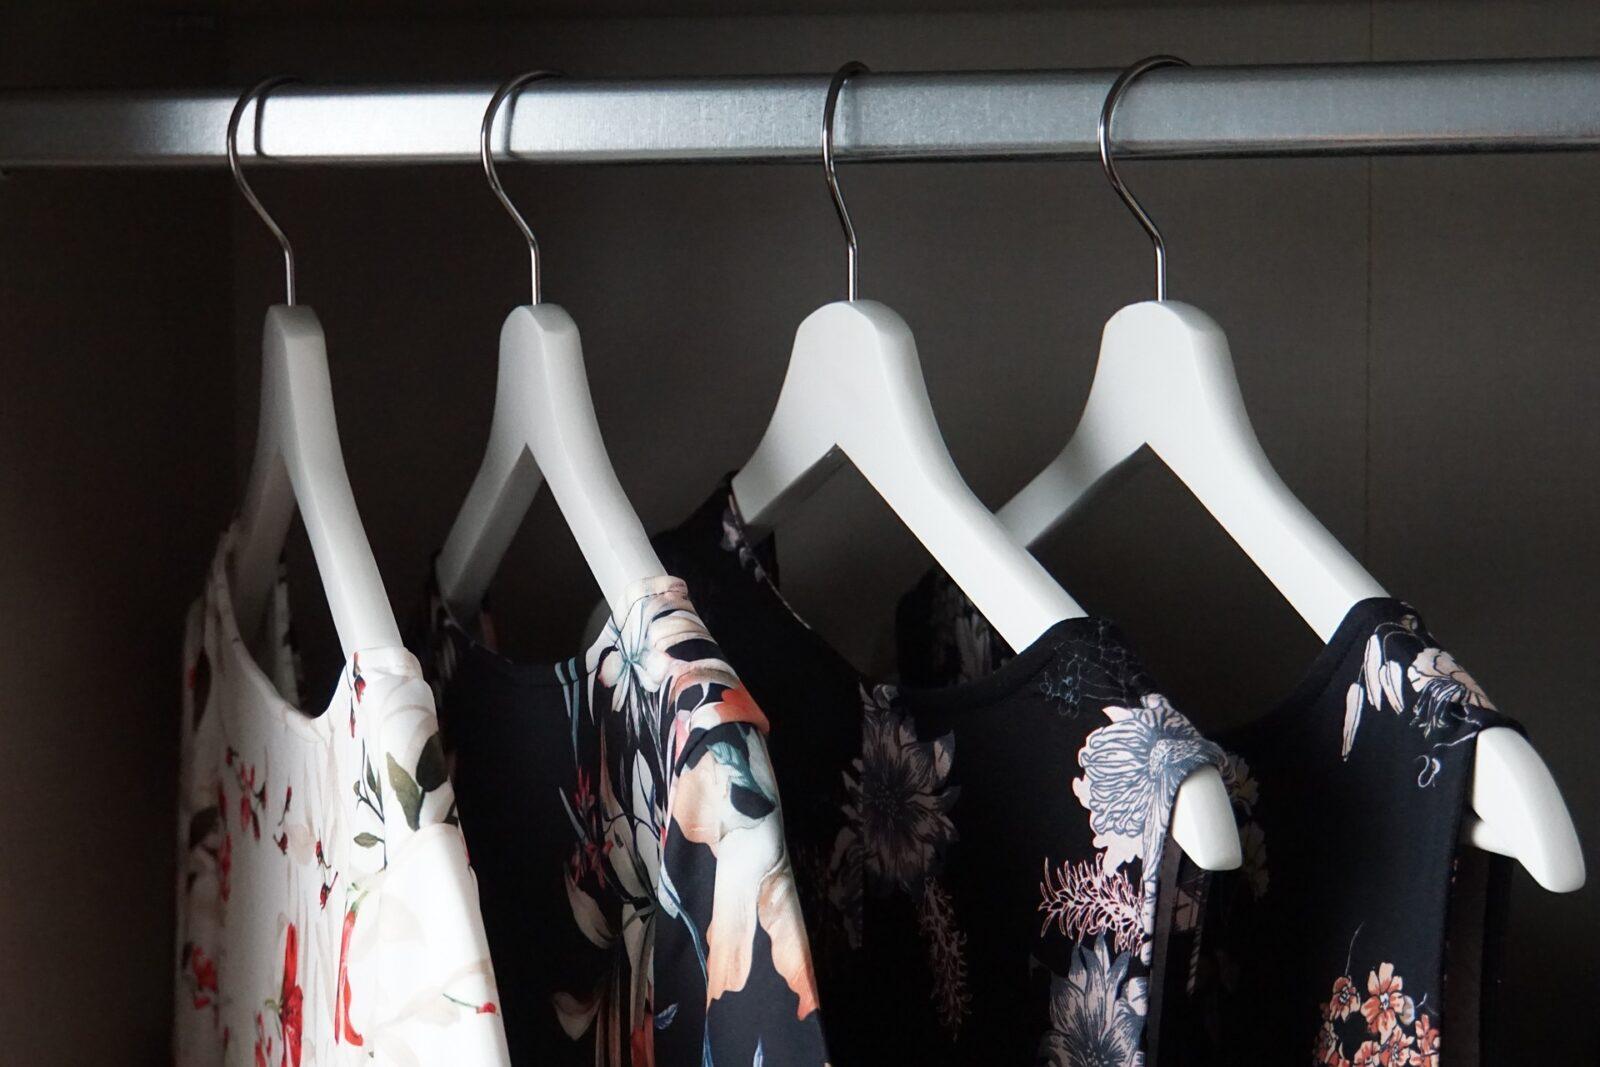 Sanfter Minimalismus im Kleiderschrank